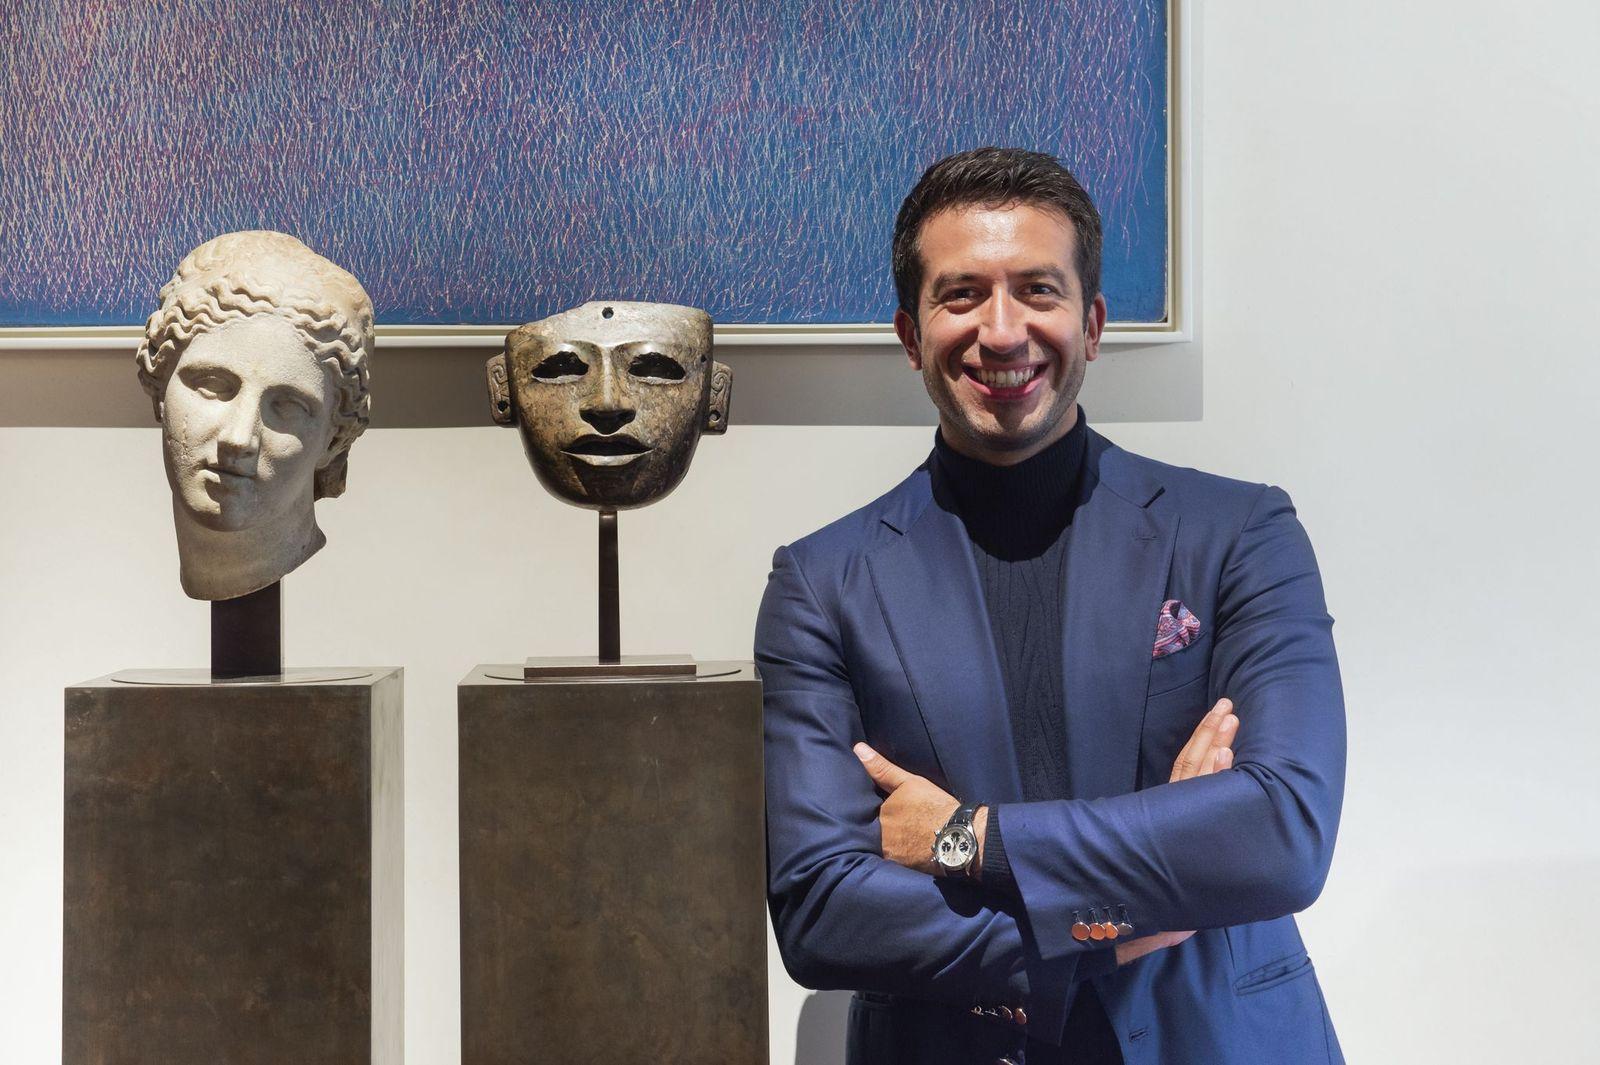 Oceania, Leonardo, Tiepolo. La Fondazione Giancarlo Ligabue compie 5 anni e svela i progetti del prossimo triennio